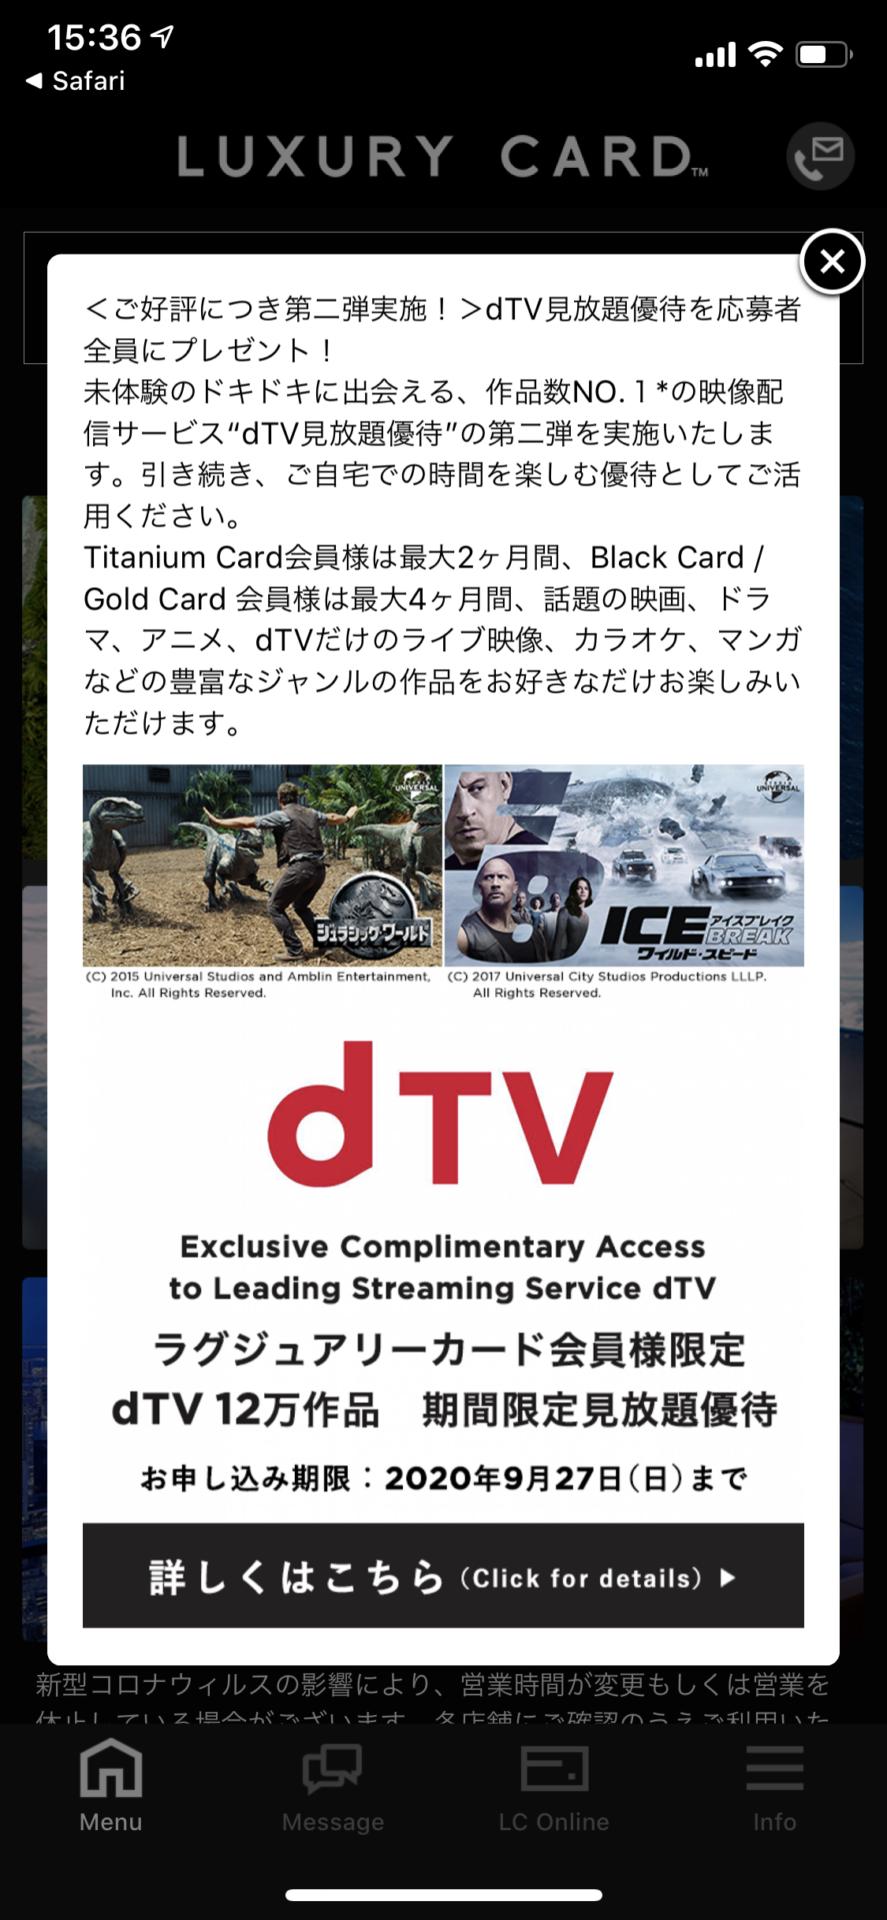 ラグジュアリーカードのdTV優待 第2弾 (2)